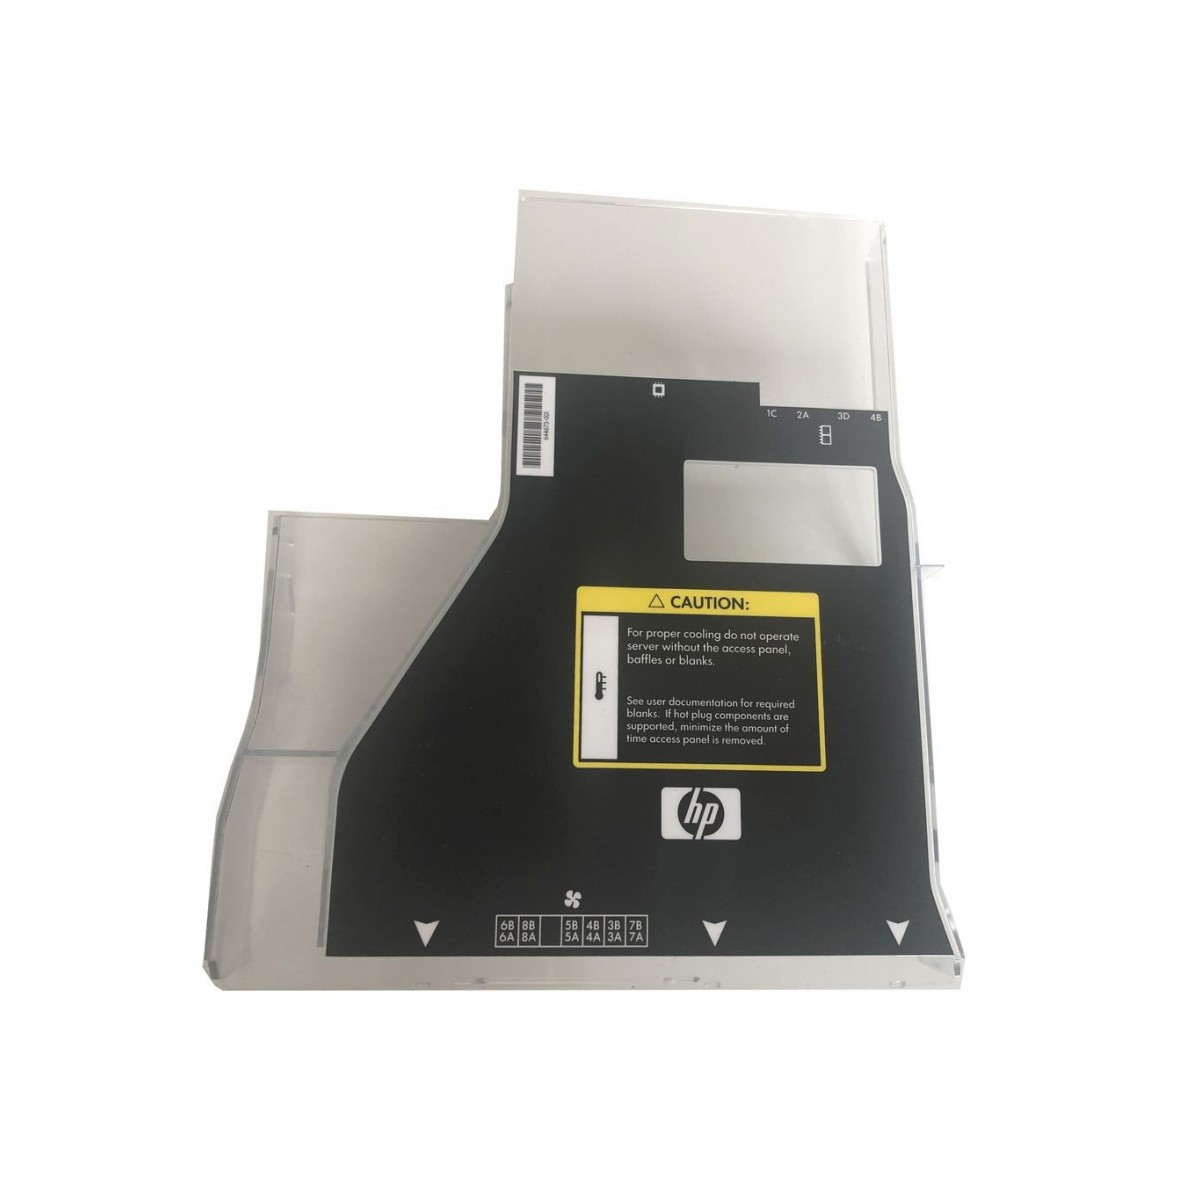 DELL 2950 III 2x2.83 QC 32GB 2x146 SAS 2xPSU RAID